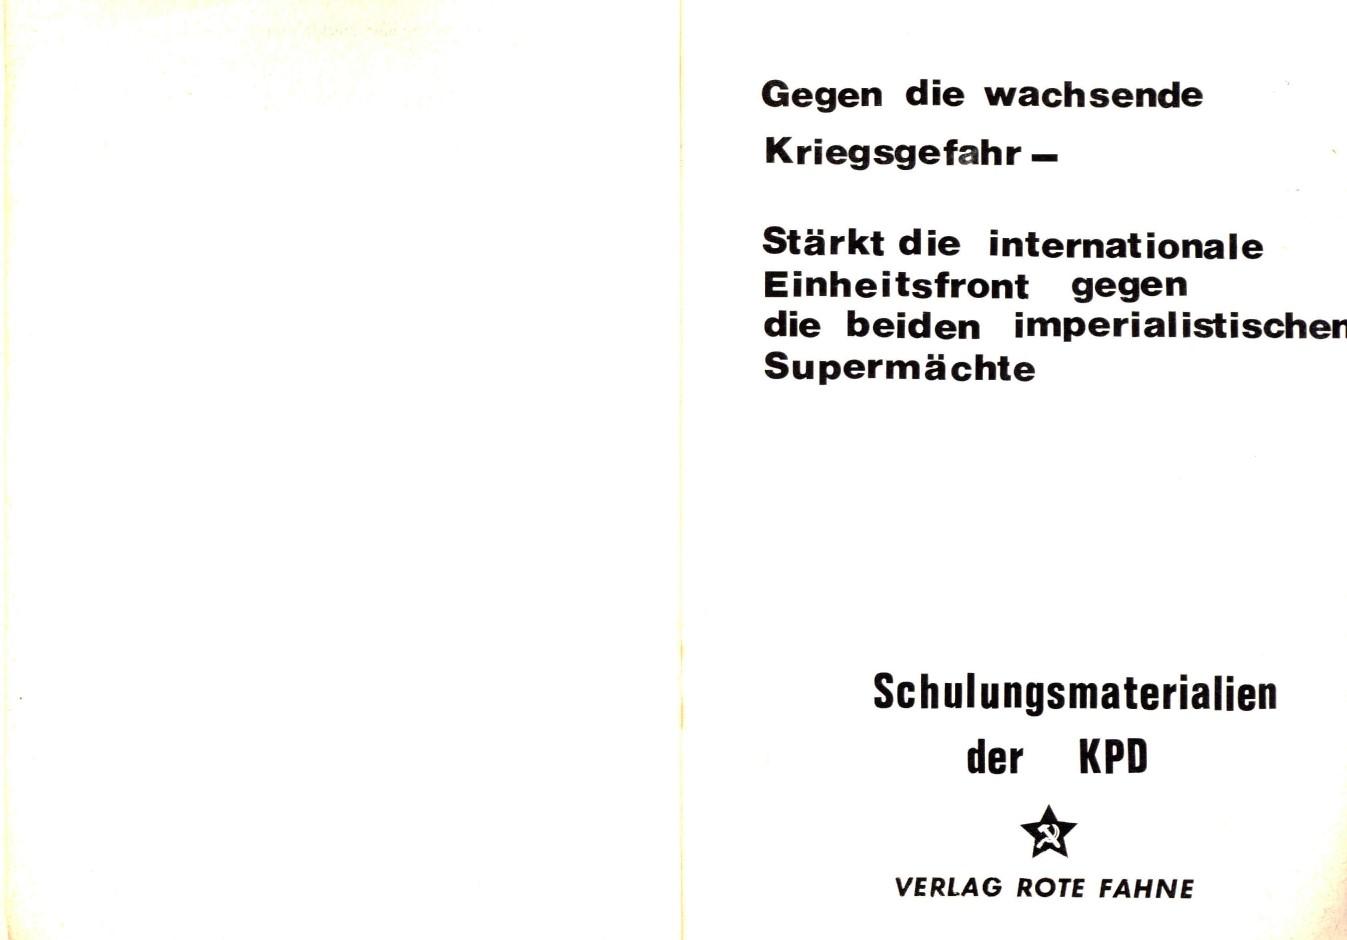 KPDAO_1975_Gegen_die_wachsende_Kriegsgefahr_03